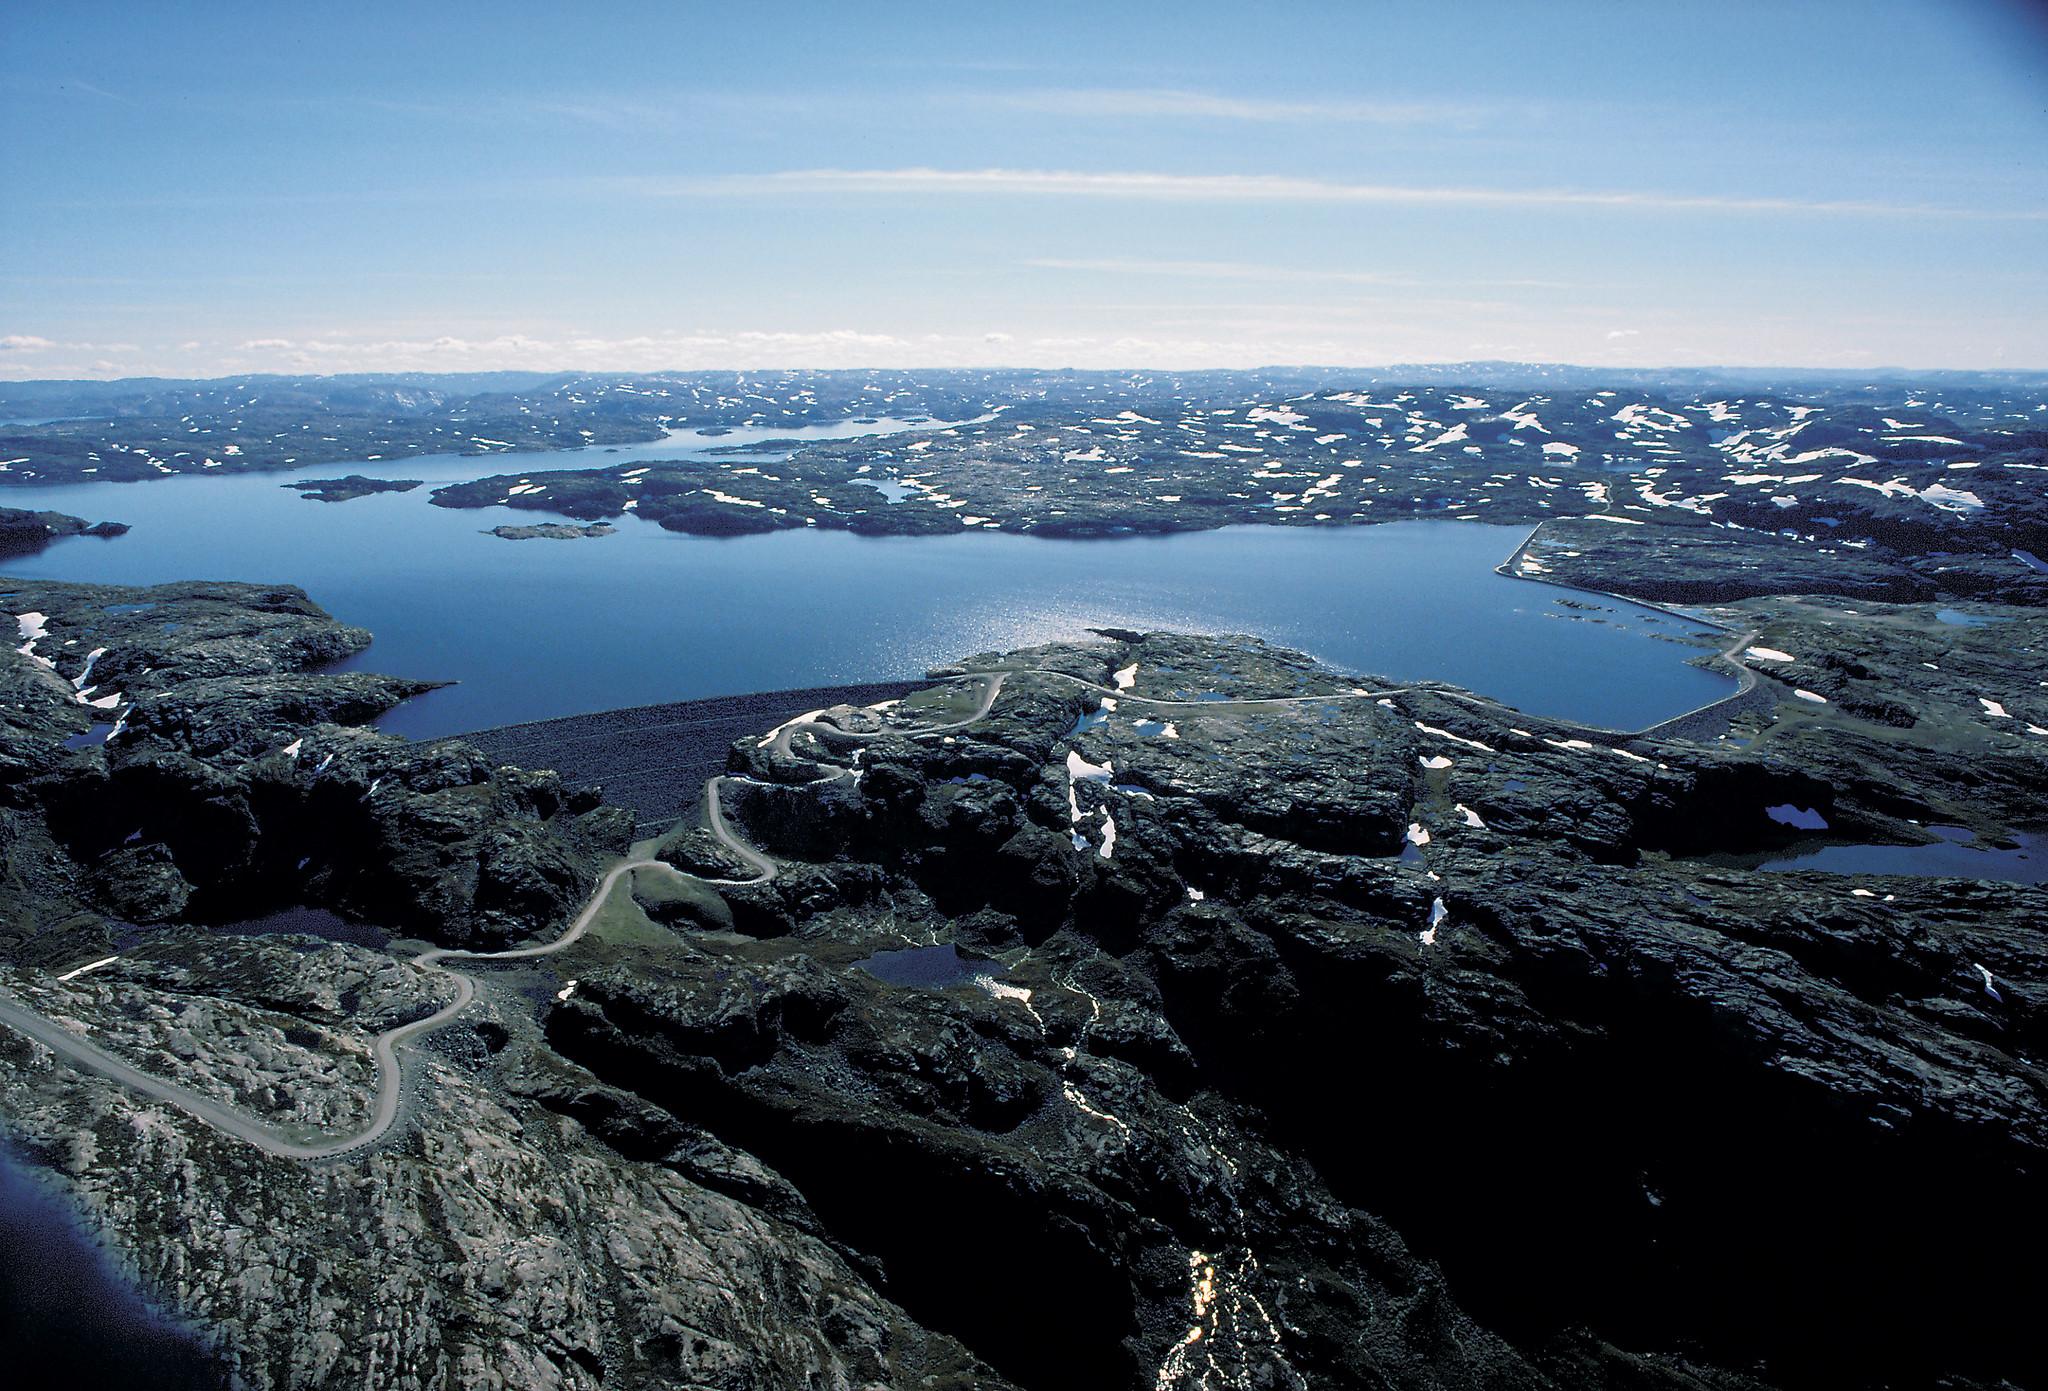 På tur inn til Blåsjø